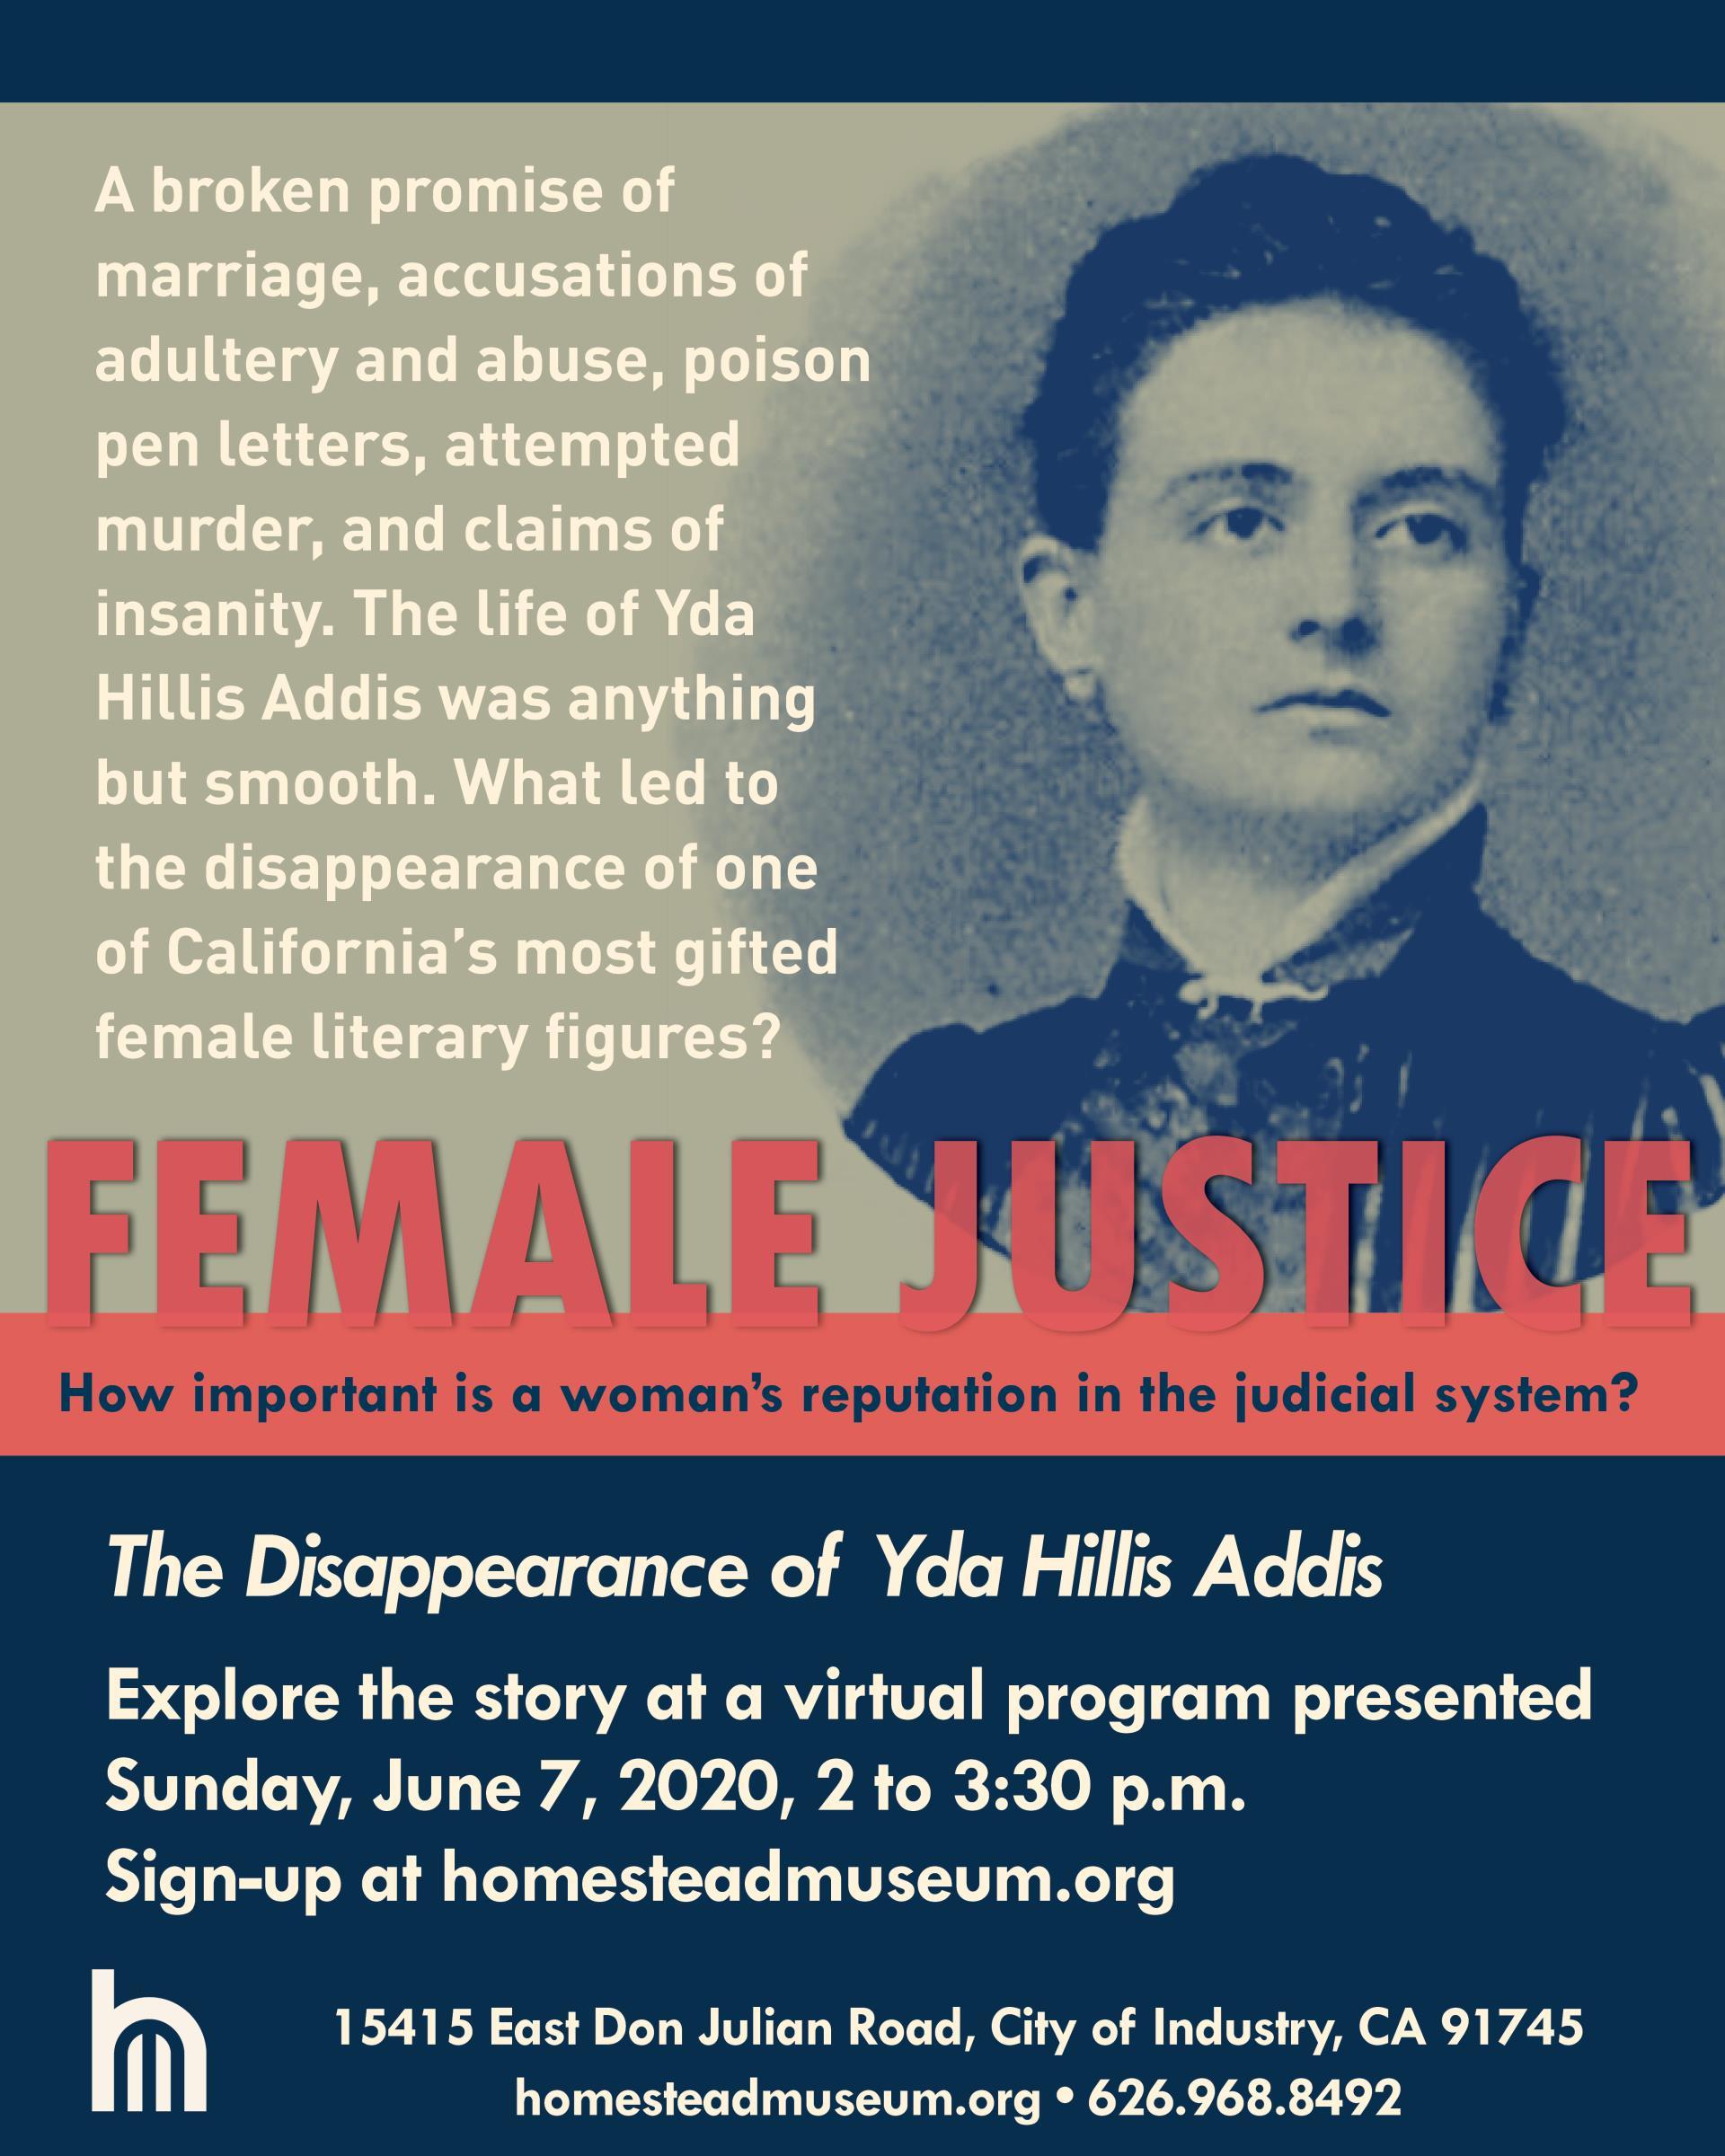 Female Justice Addis June 2020 Virtual